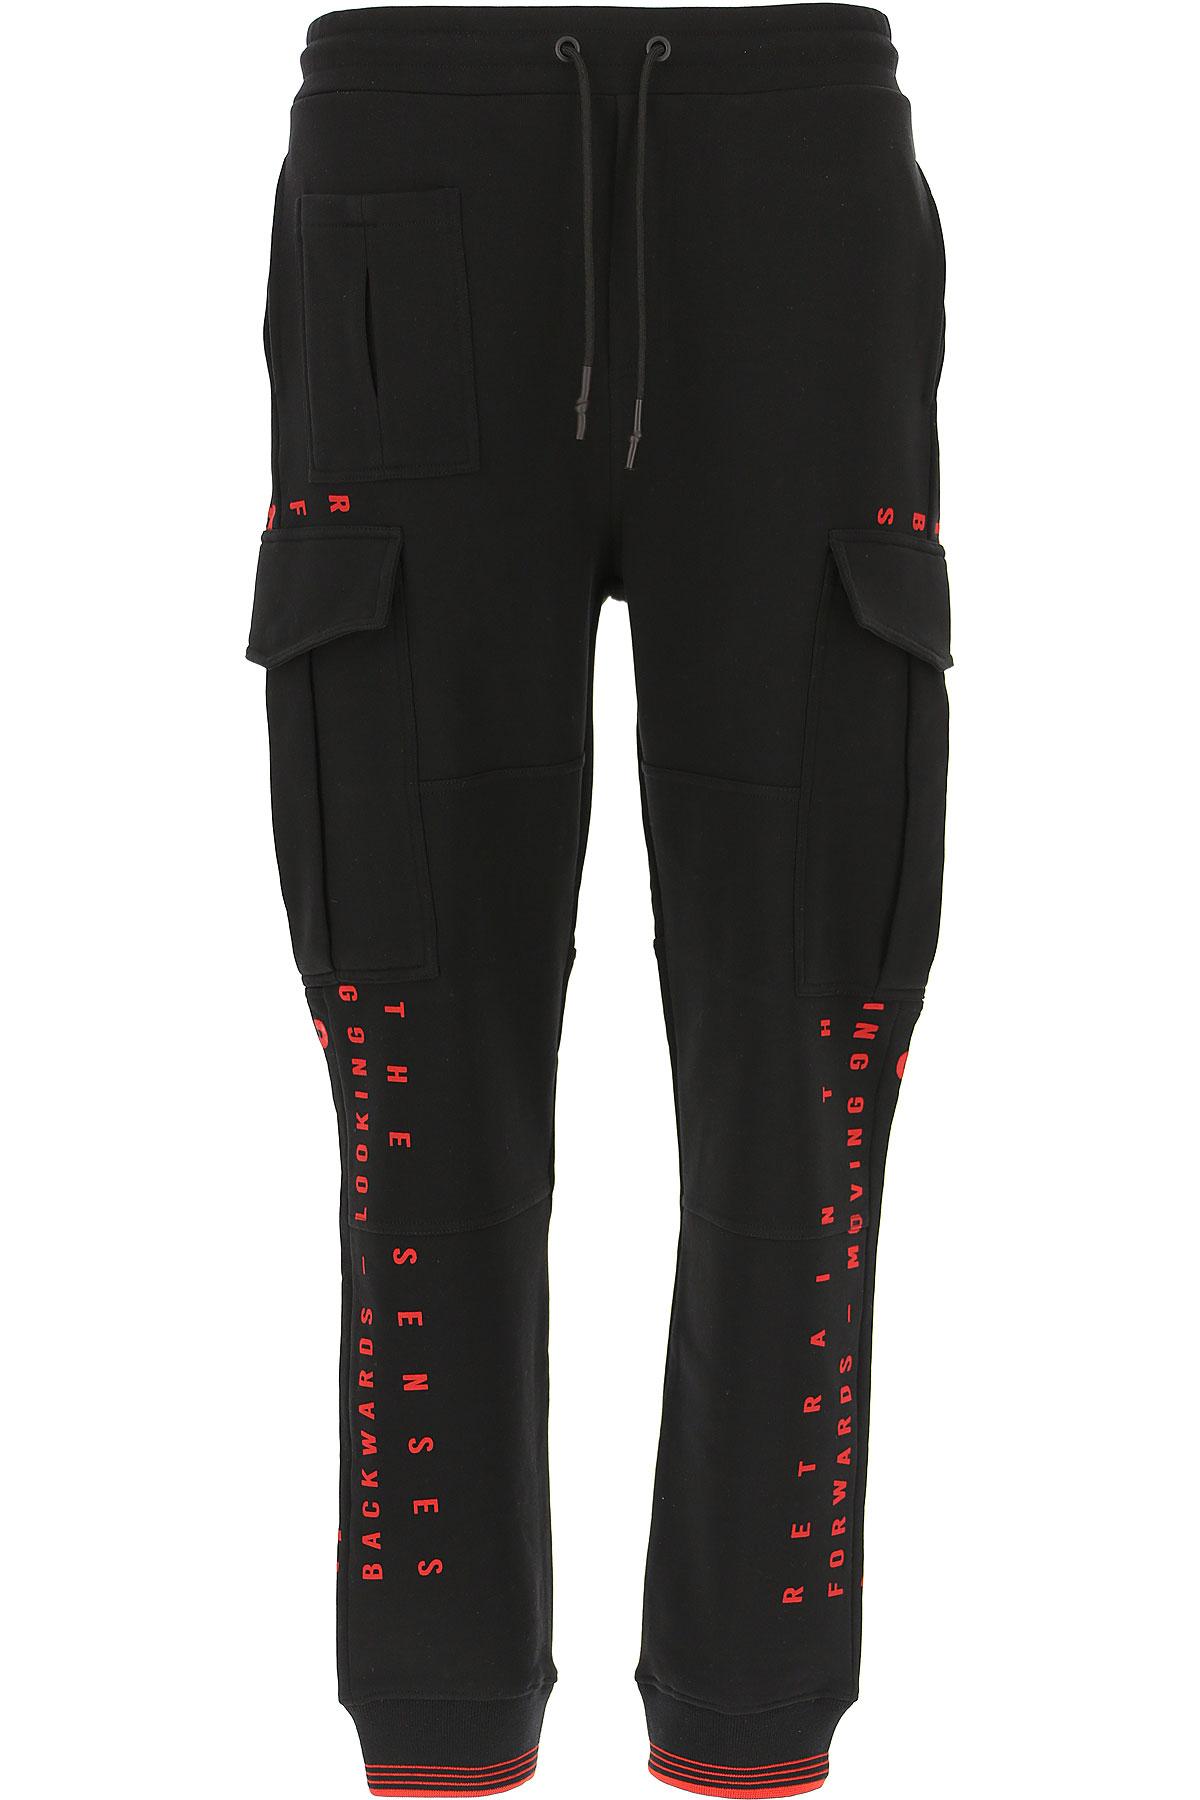 Alexander McQueen McQ Pants for Men On Sale, Black, Cotton, 2019, L M S XL